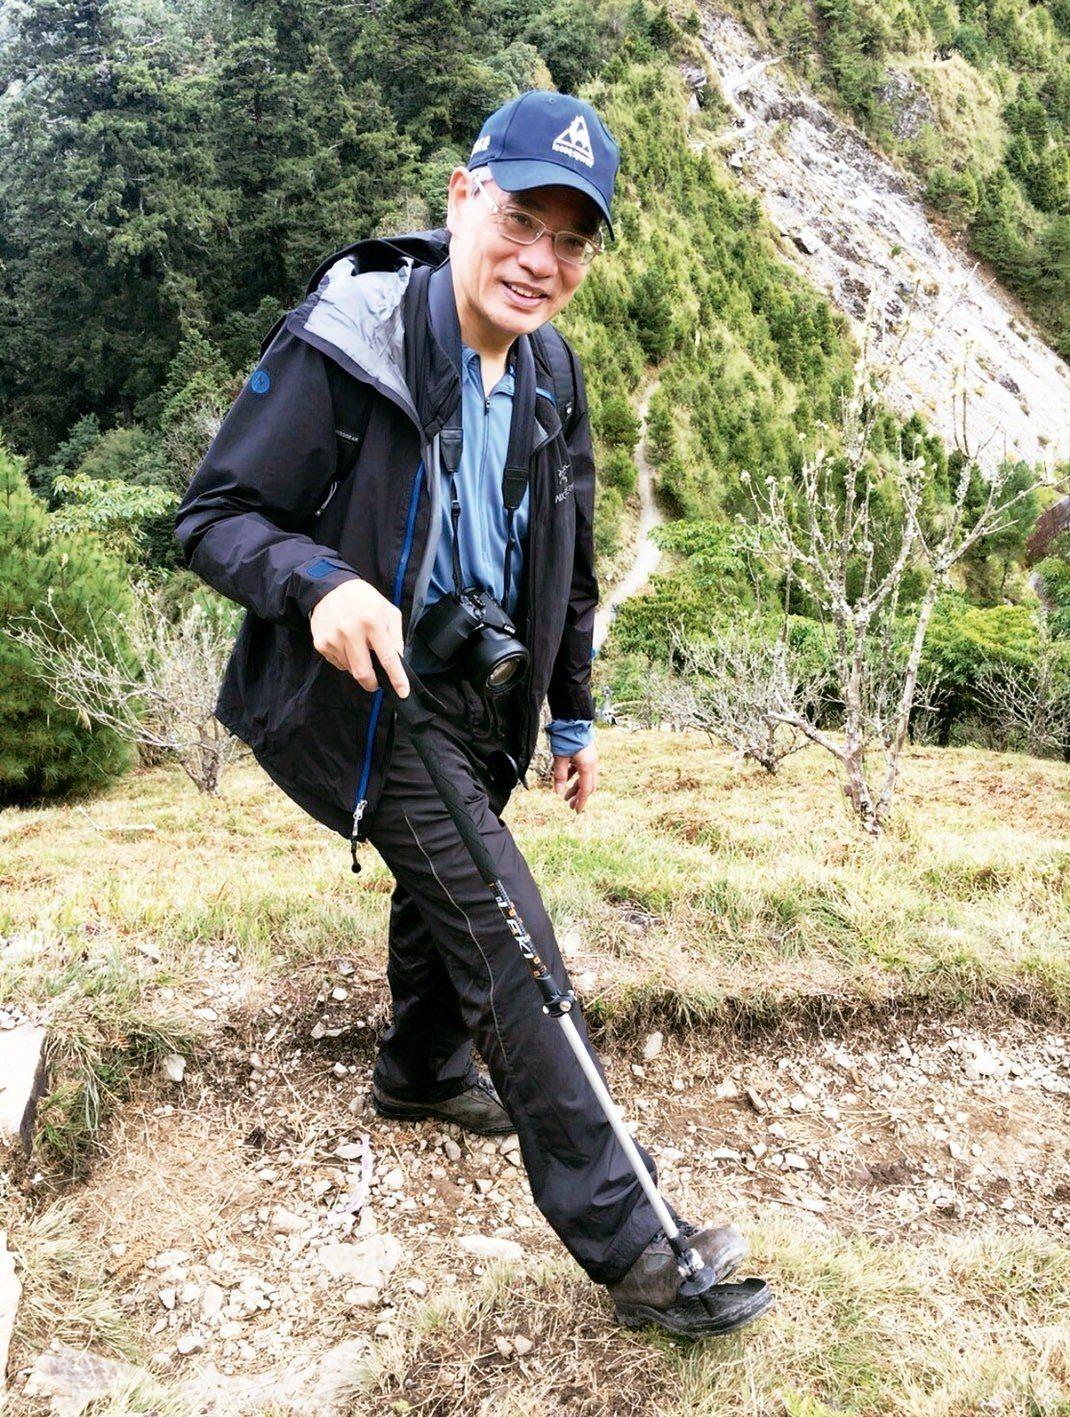 台北榮總副院長陳威明,將主講熟齡壯遊講座。 圖/陳威明提供